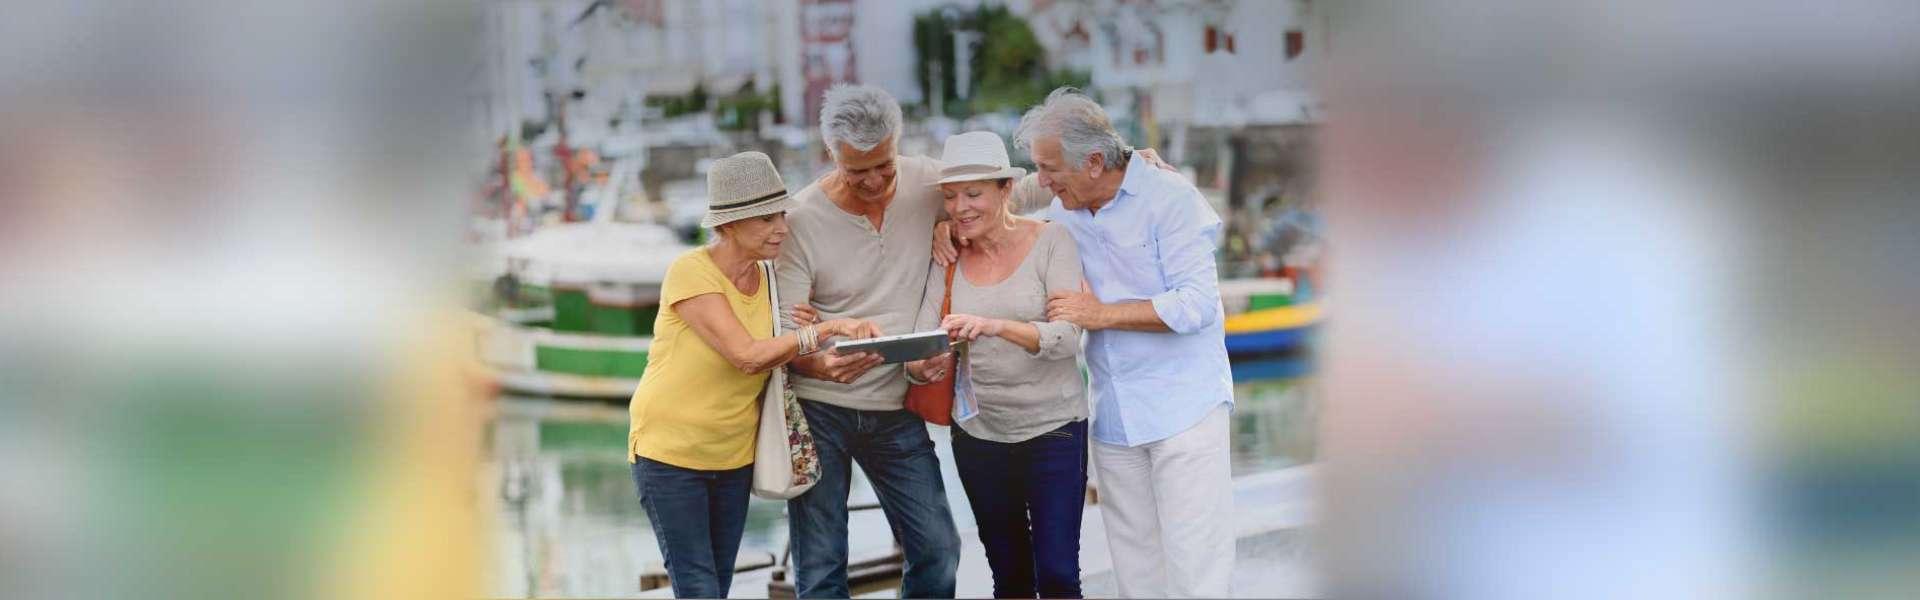 Oferte speciale seniori